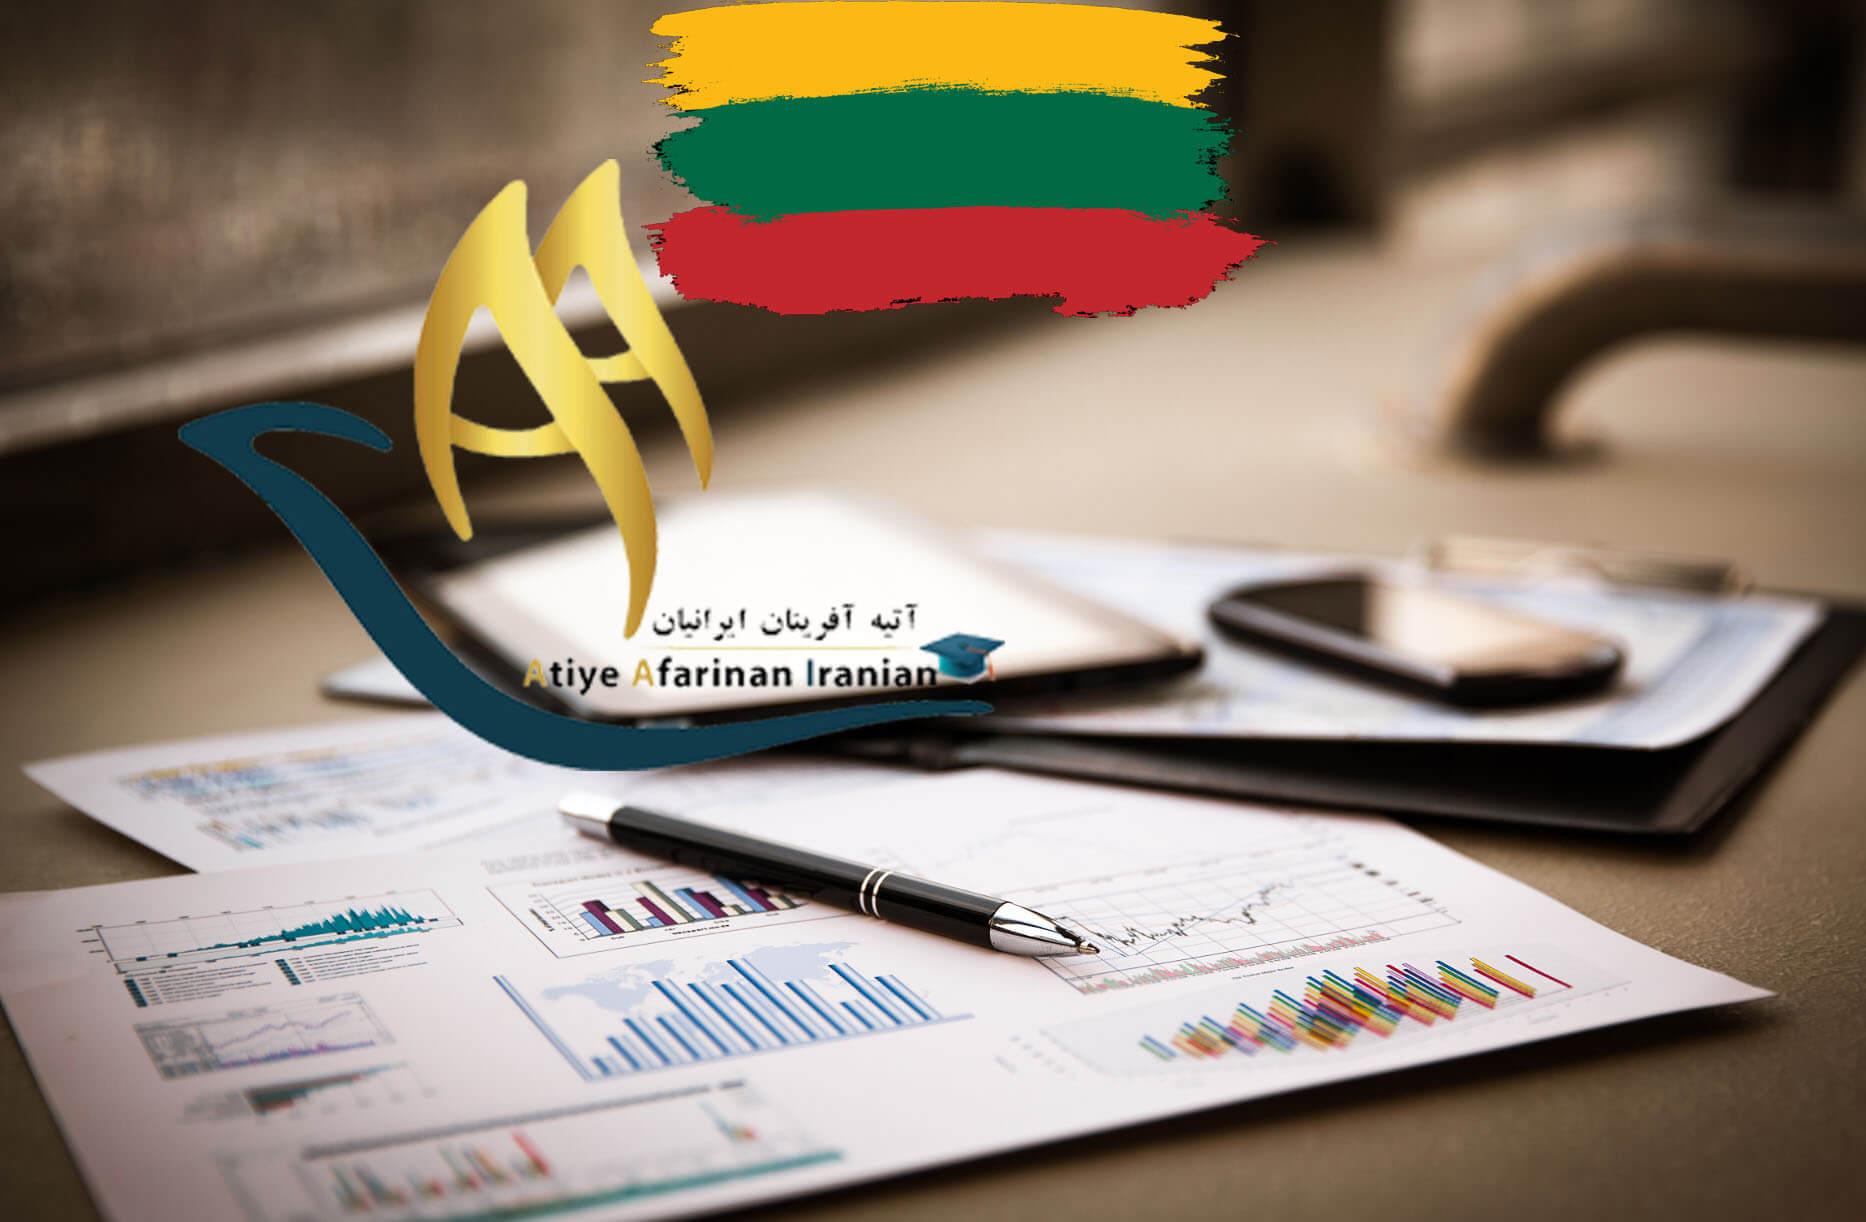 سرمایه گذاری در کشور لیتوانی